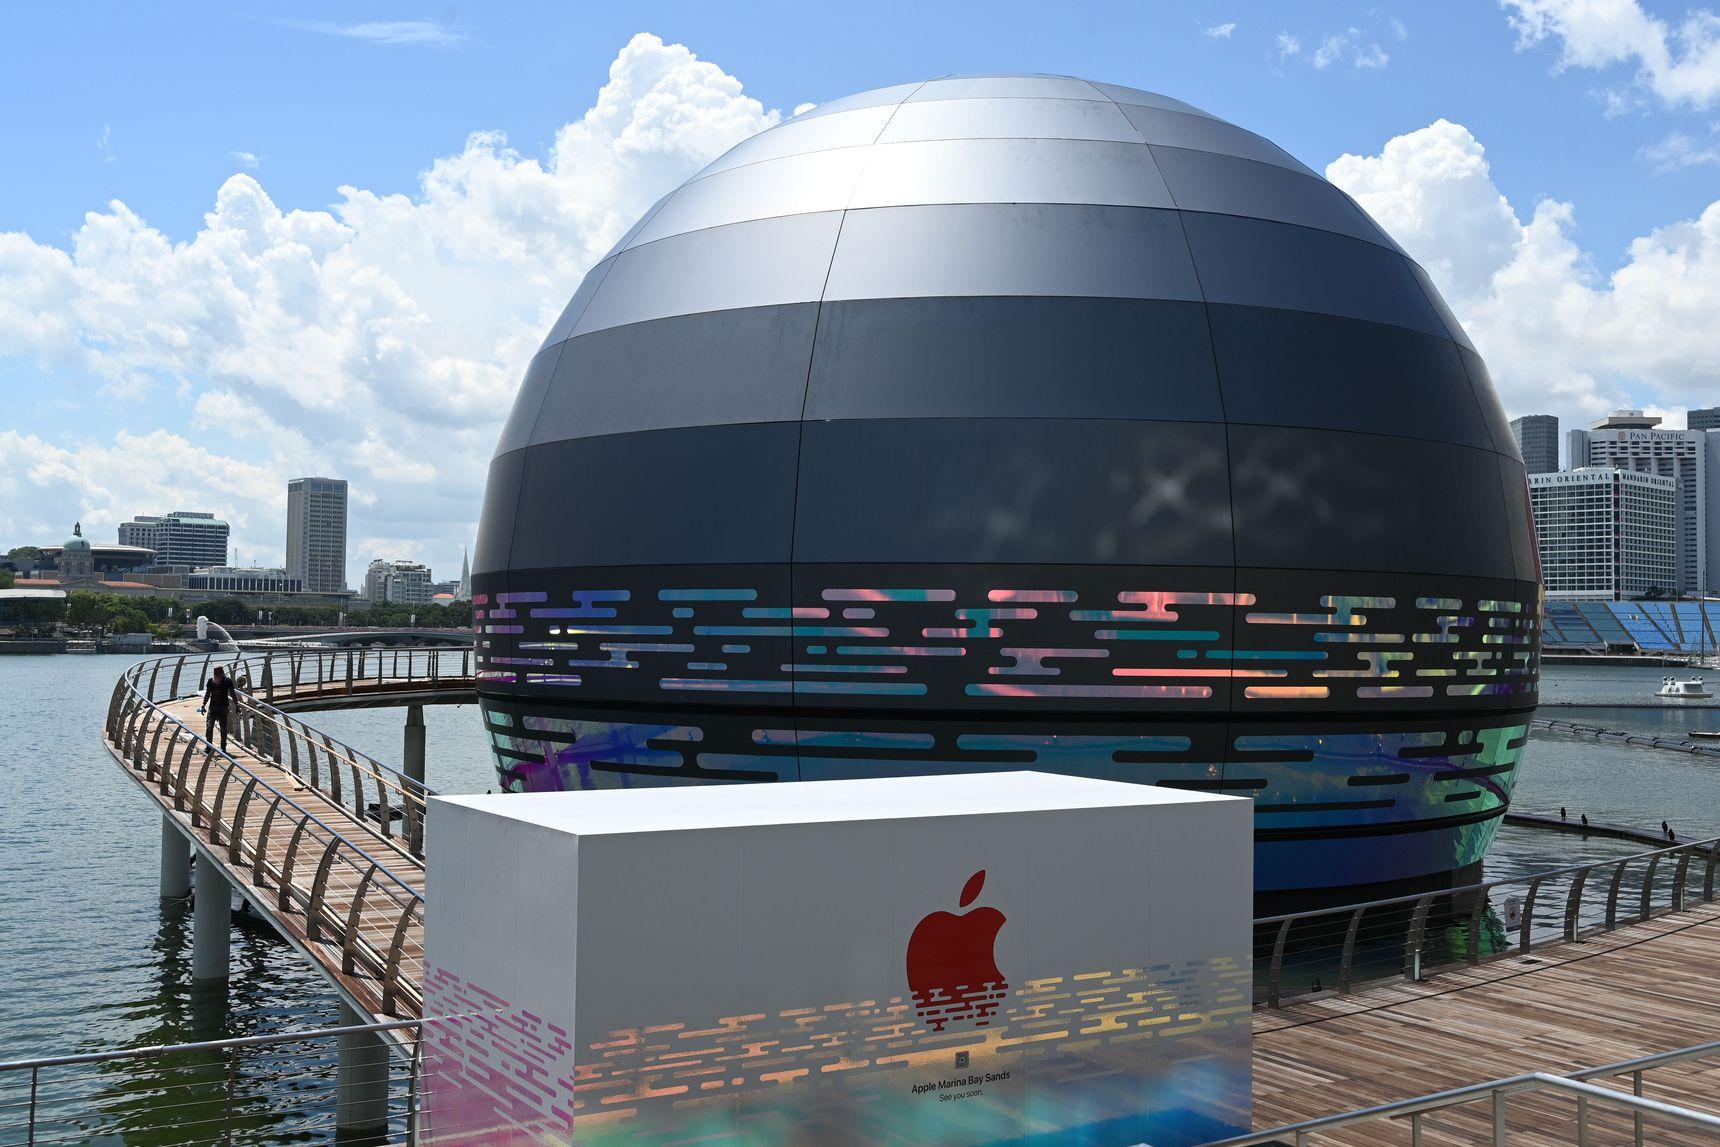 Apple Marina Bay Sands Singapore Il primo Apple Store galleggiante